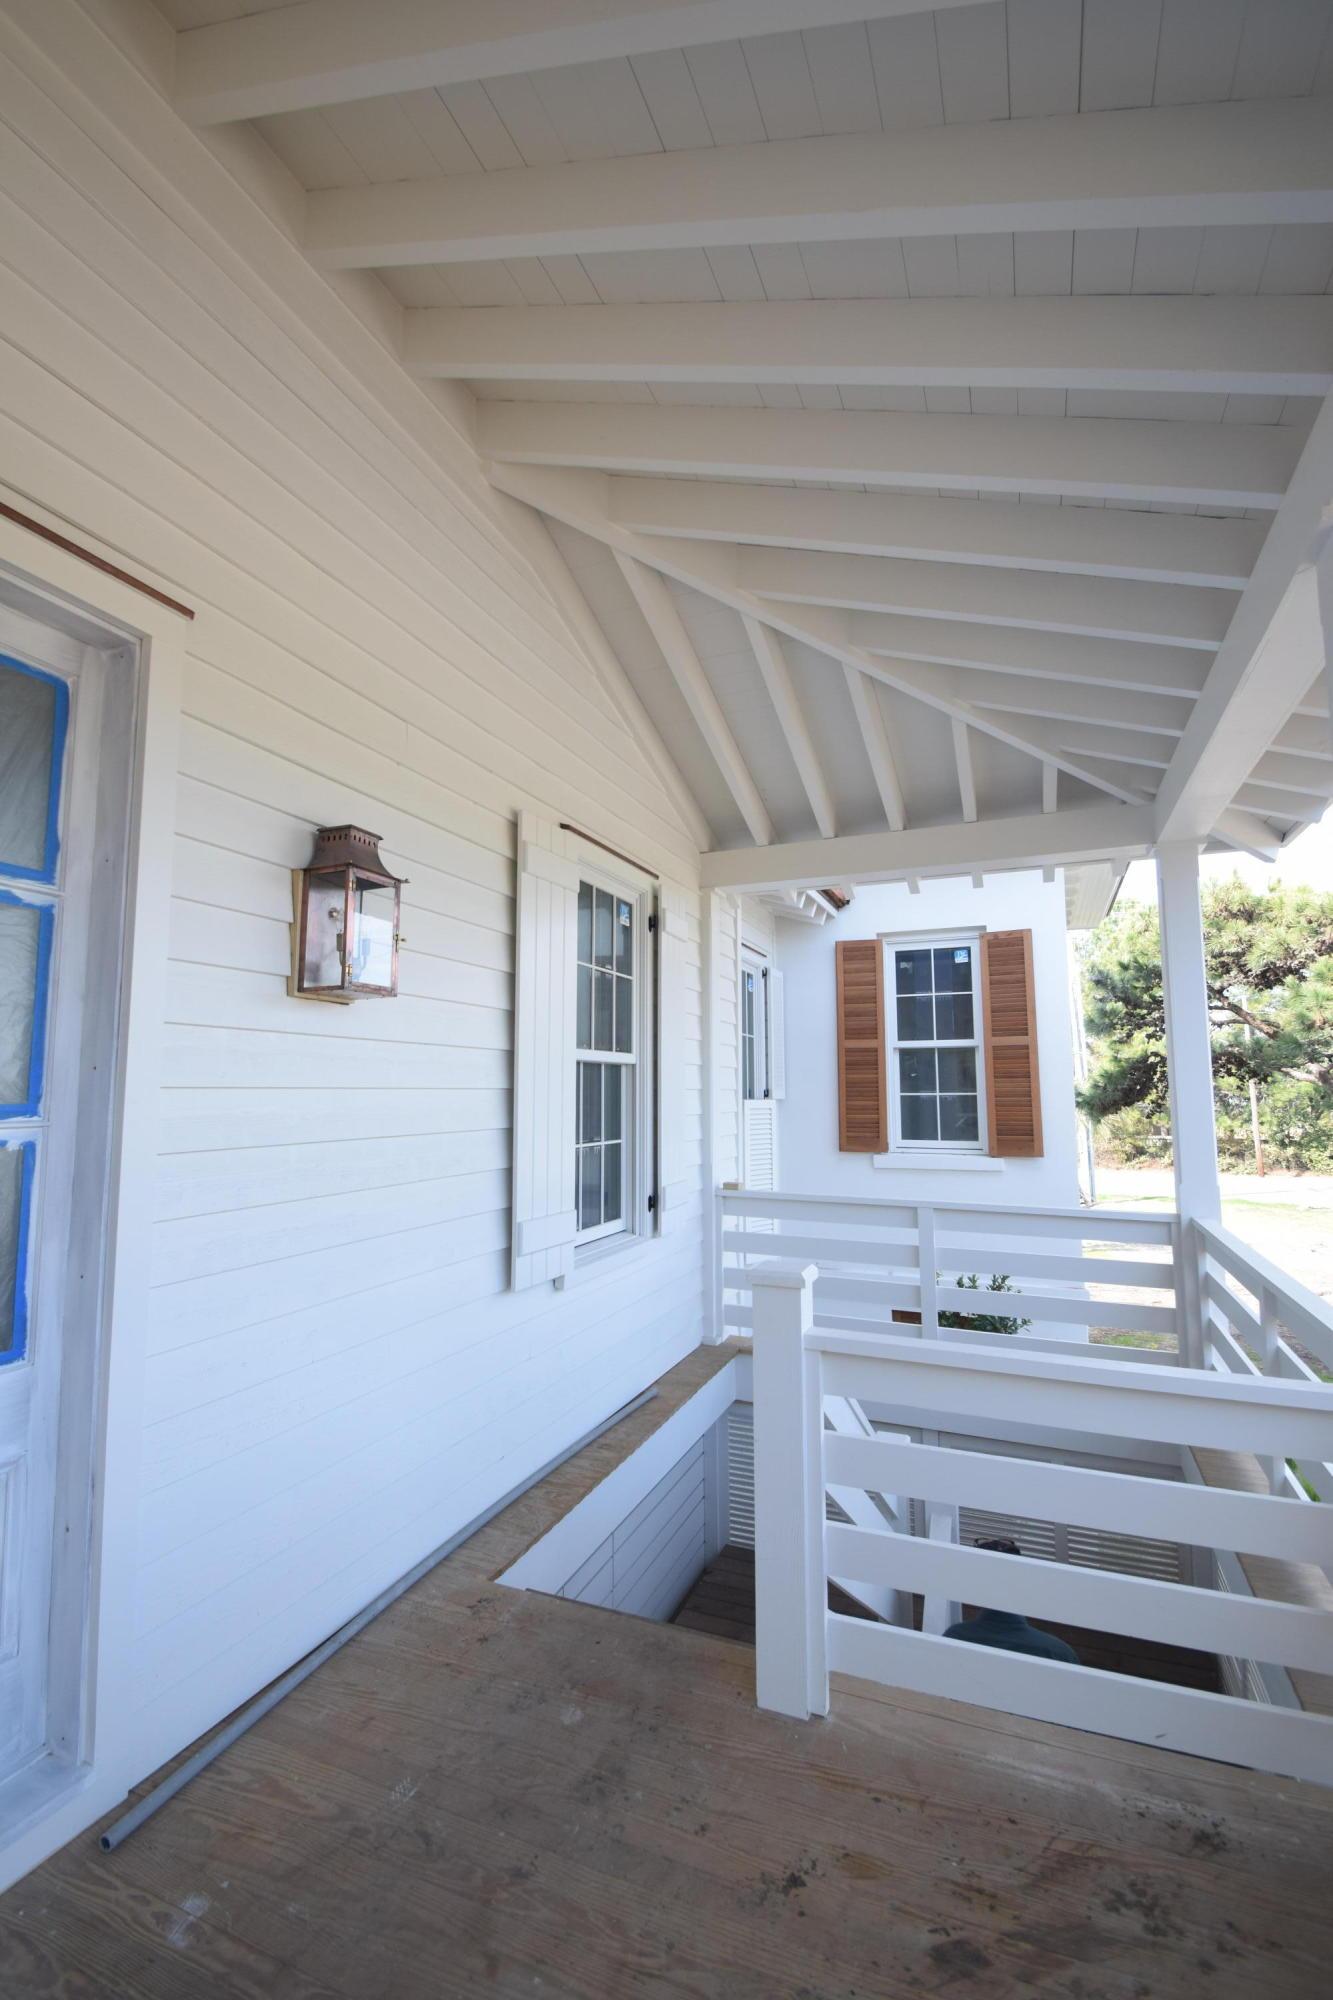 Sullivans Island Homes For Sale - 2921 Jasper, Sullivans Island, SC - 0